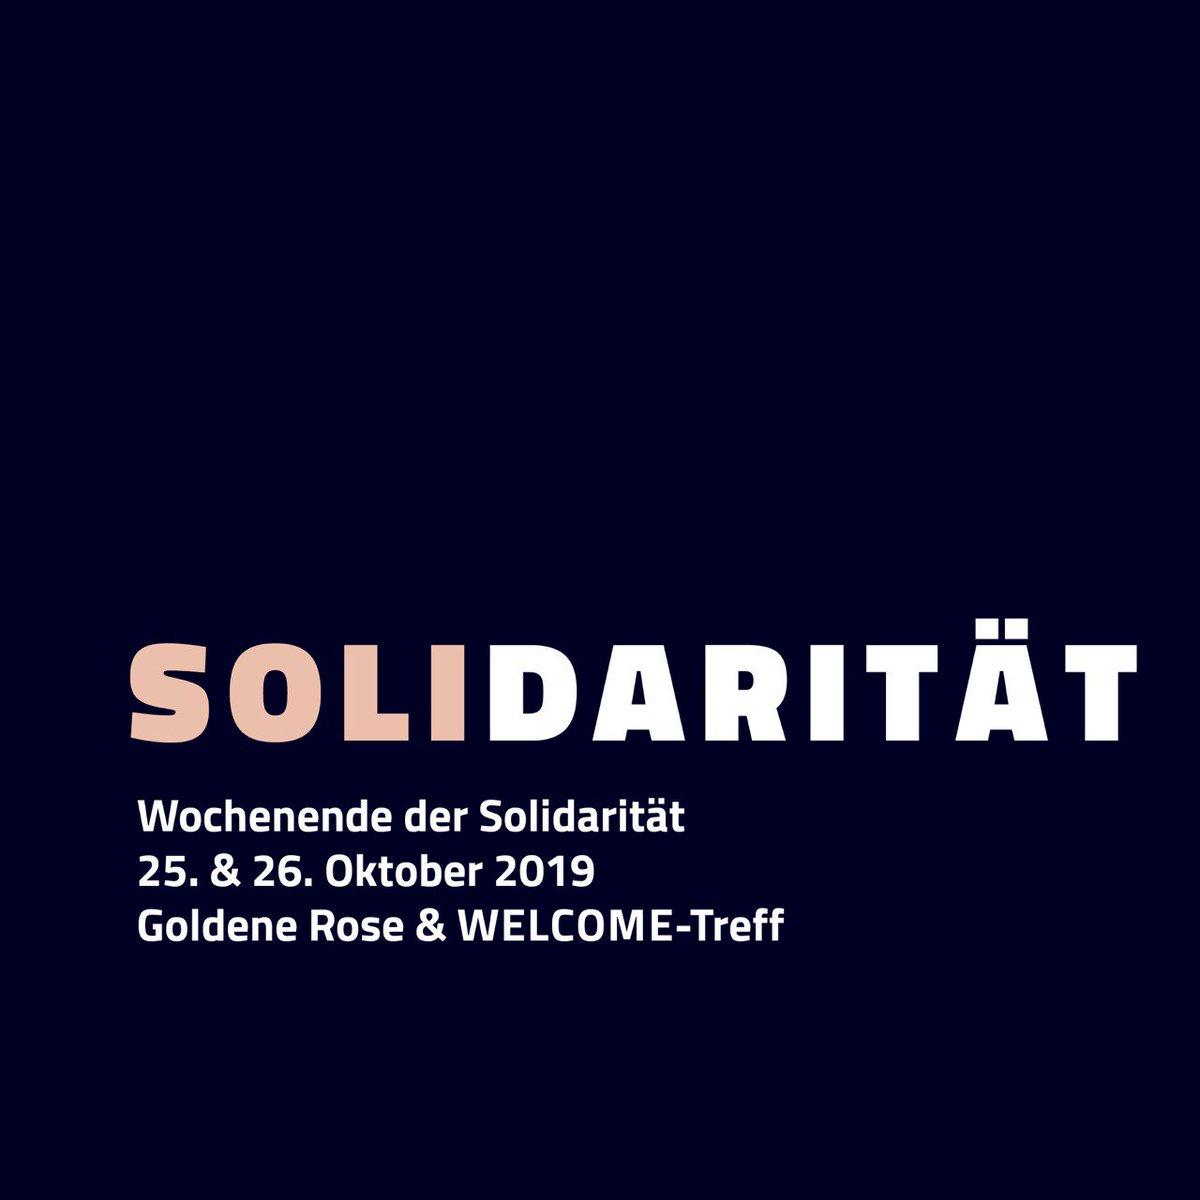 Wochenende der Solidarität am 25. und 26.10.2019 in Halle nähere Infos : facebook.com/events/1215924… alle Einnahmen werden dem Opferfond des Miteinander e.V. gespendet um u.a. die Betroffenen des Anschlags vom 09.10. zu unterstützen miteinander-ev.de/opferfonds/ #hal0910 #HalggR